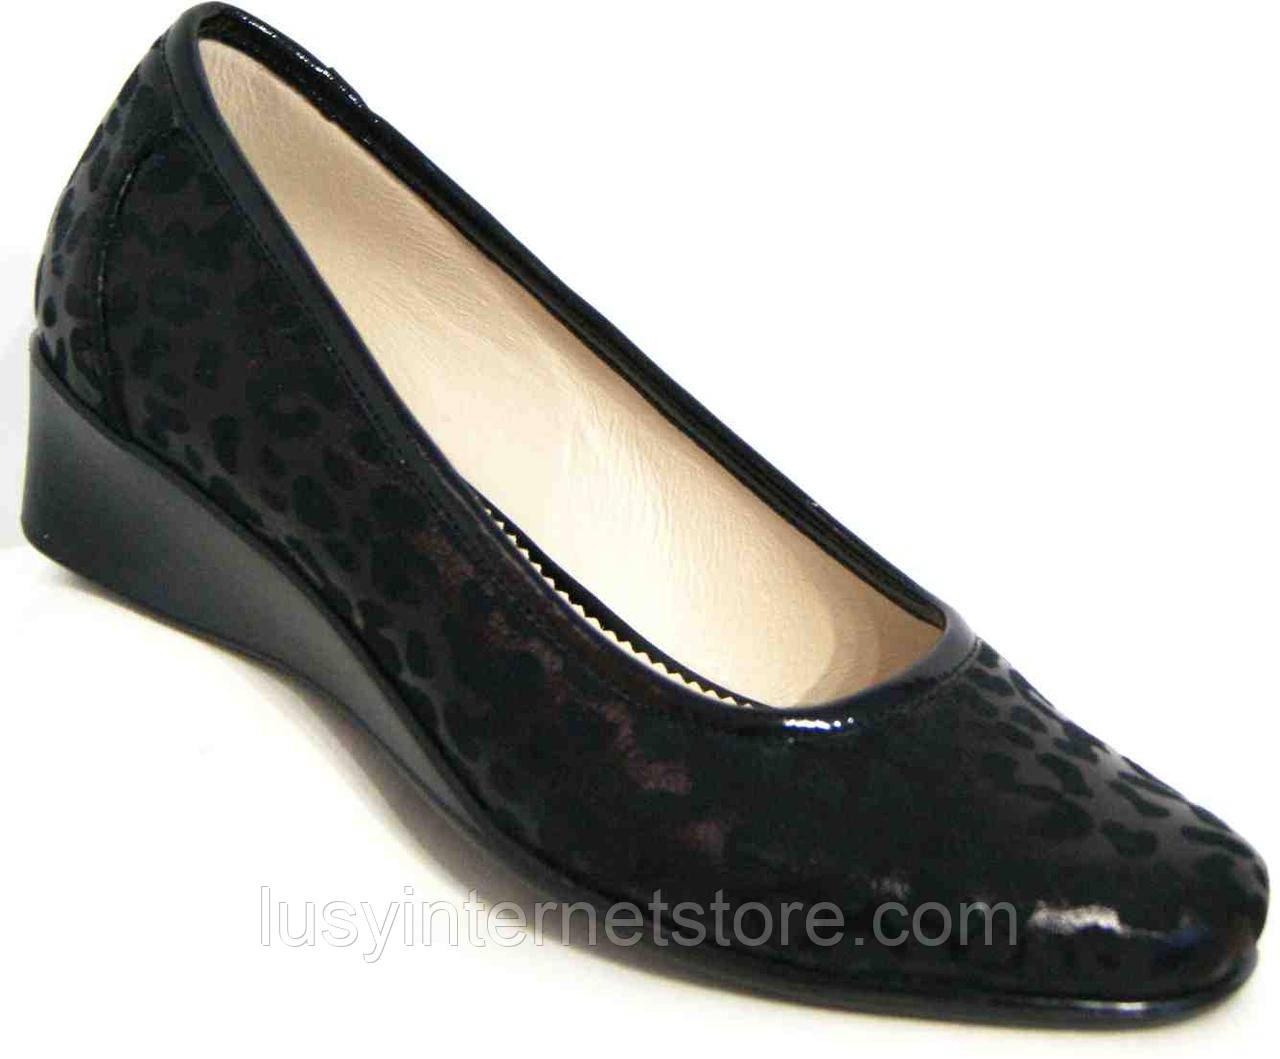 669f5774a Кожаные женские туфли большого размера от производителя модель МИ3203-2БМ -  Lusy в Харькове